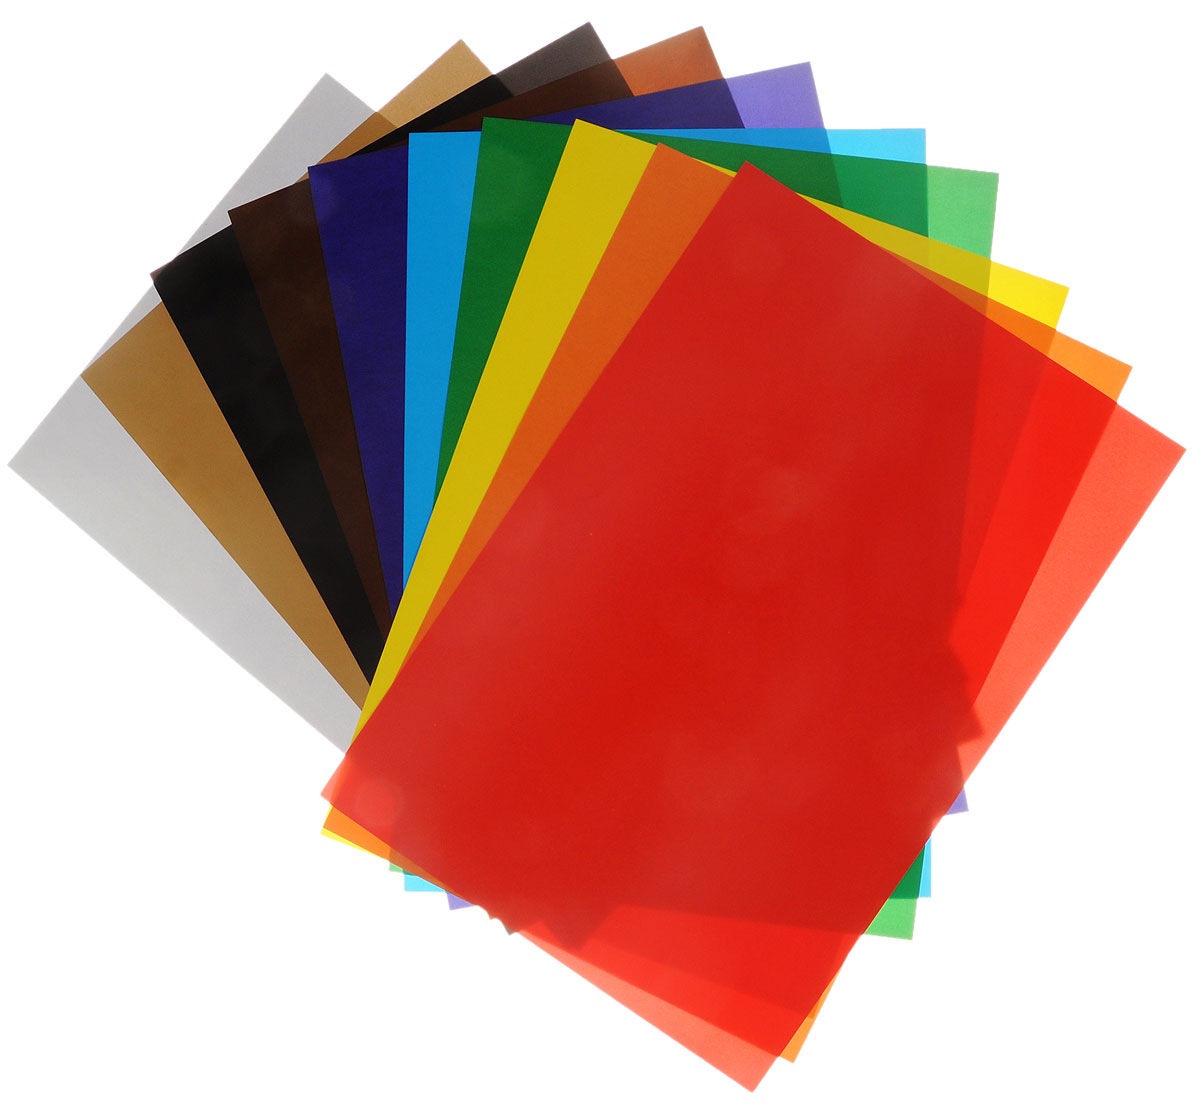 Мелованная цветная бумага Silwerhof формата А4 идеально подходит для детского творчества: создания аппликаций, оригами и многого другого.    В упаковке 10 листа мелованной бумаги 10 разных цветов.Детские аппликации из тонкой цветной бумаги - отличное занятие для развития творческих способностей и познавательной деятельности малыша, а также хороший способ самовыражения ребенка.    Рекомендуемый возраст: от 5 лет.